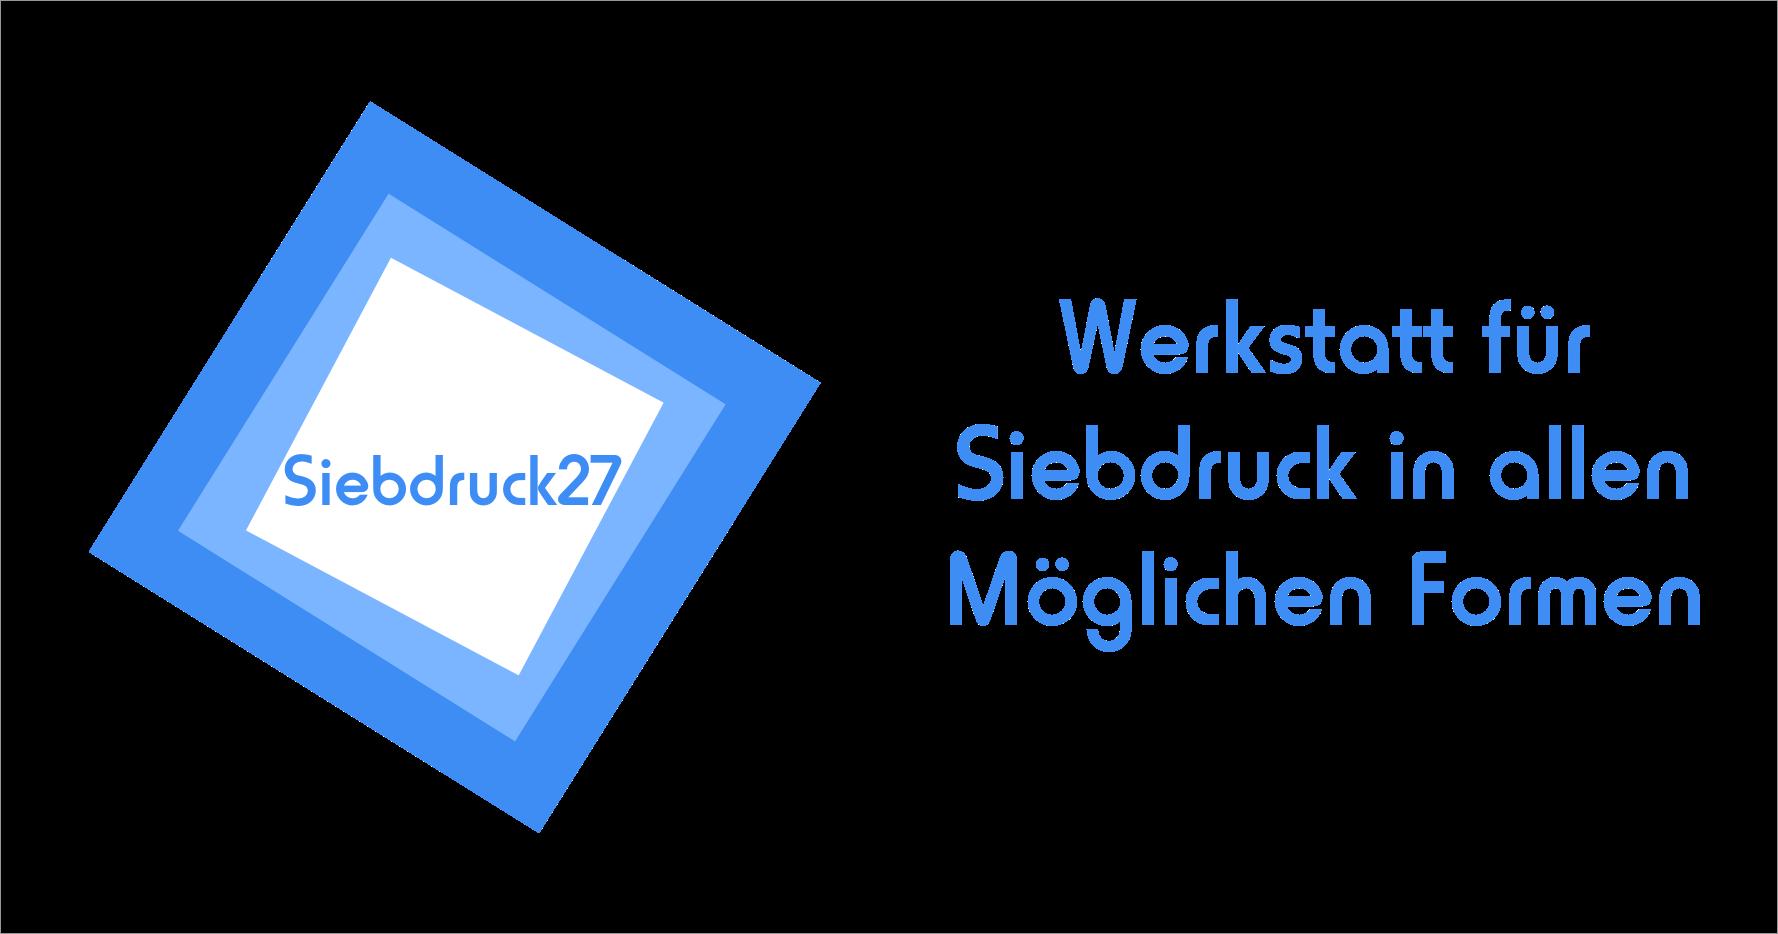 PNG Werkstatt-PlusPNG.com-1778 - PNG Werkstatt